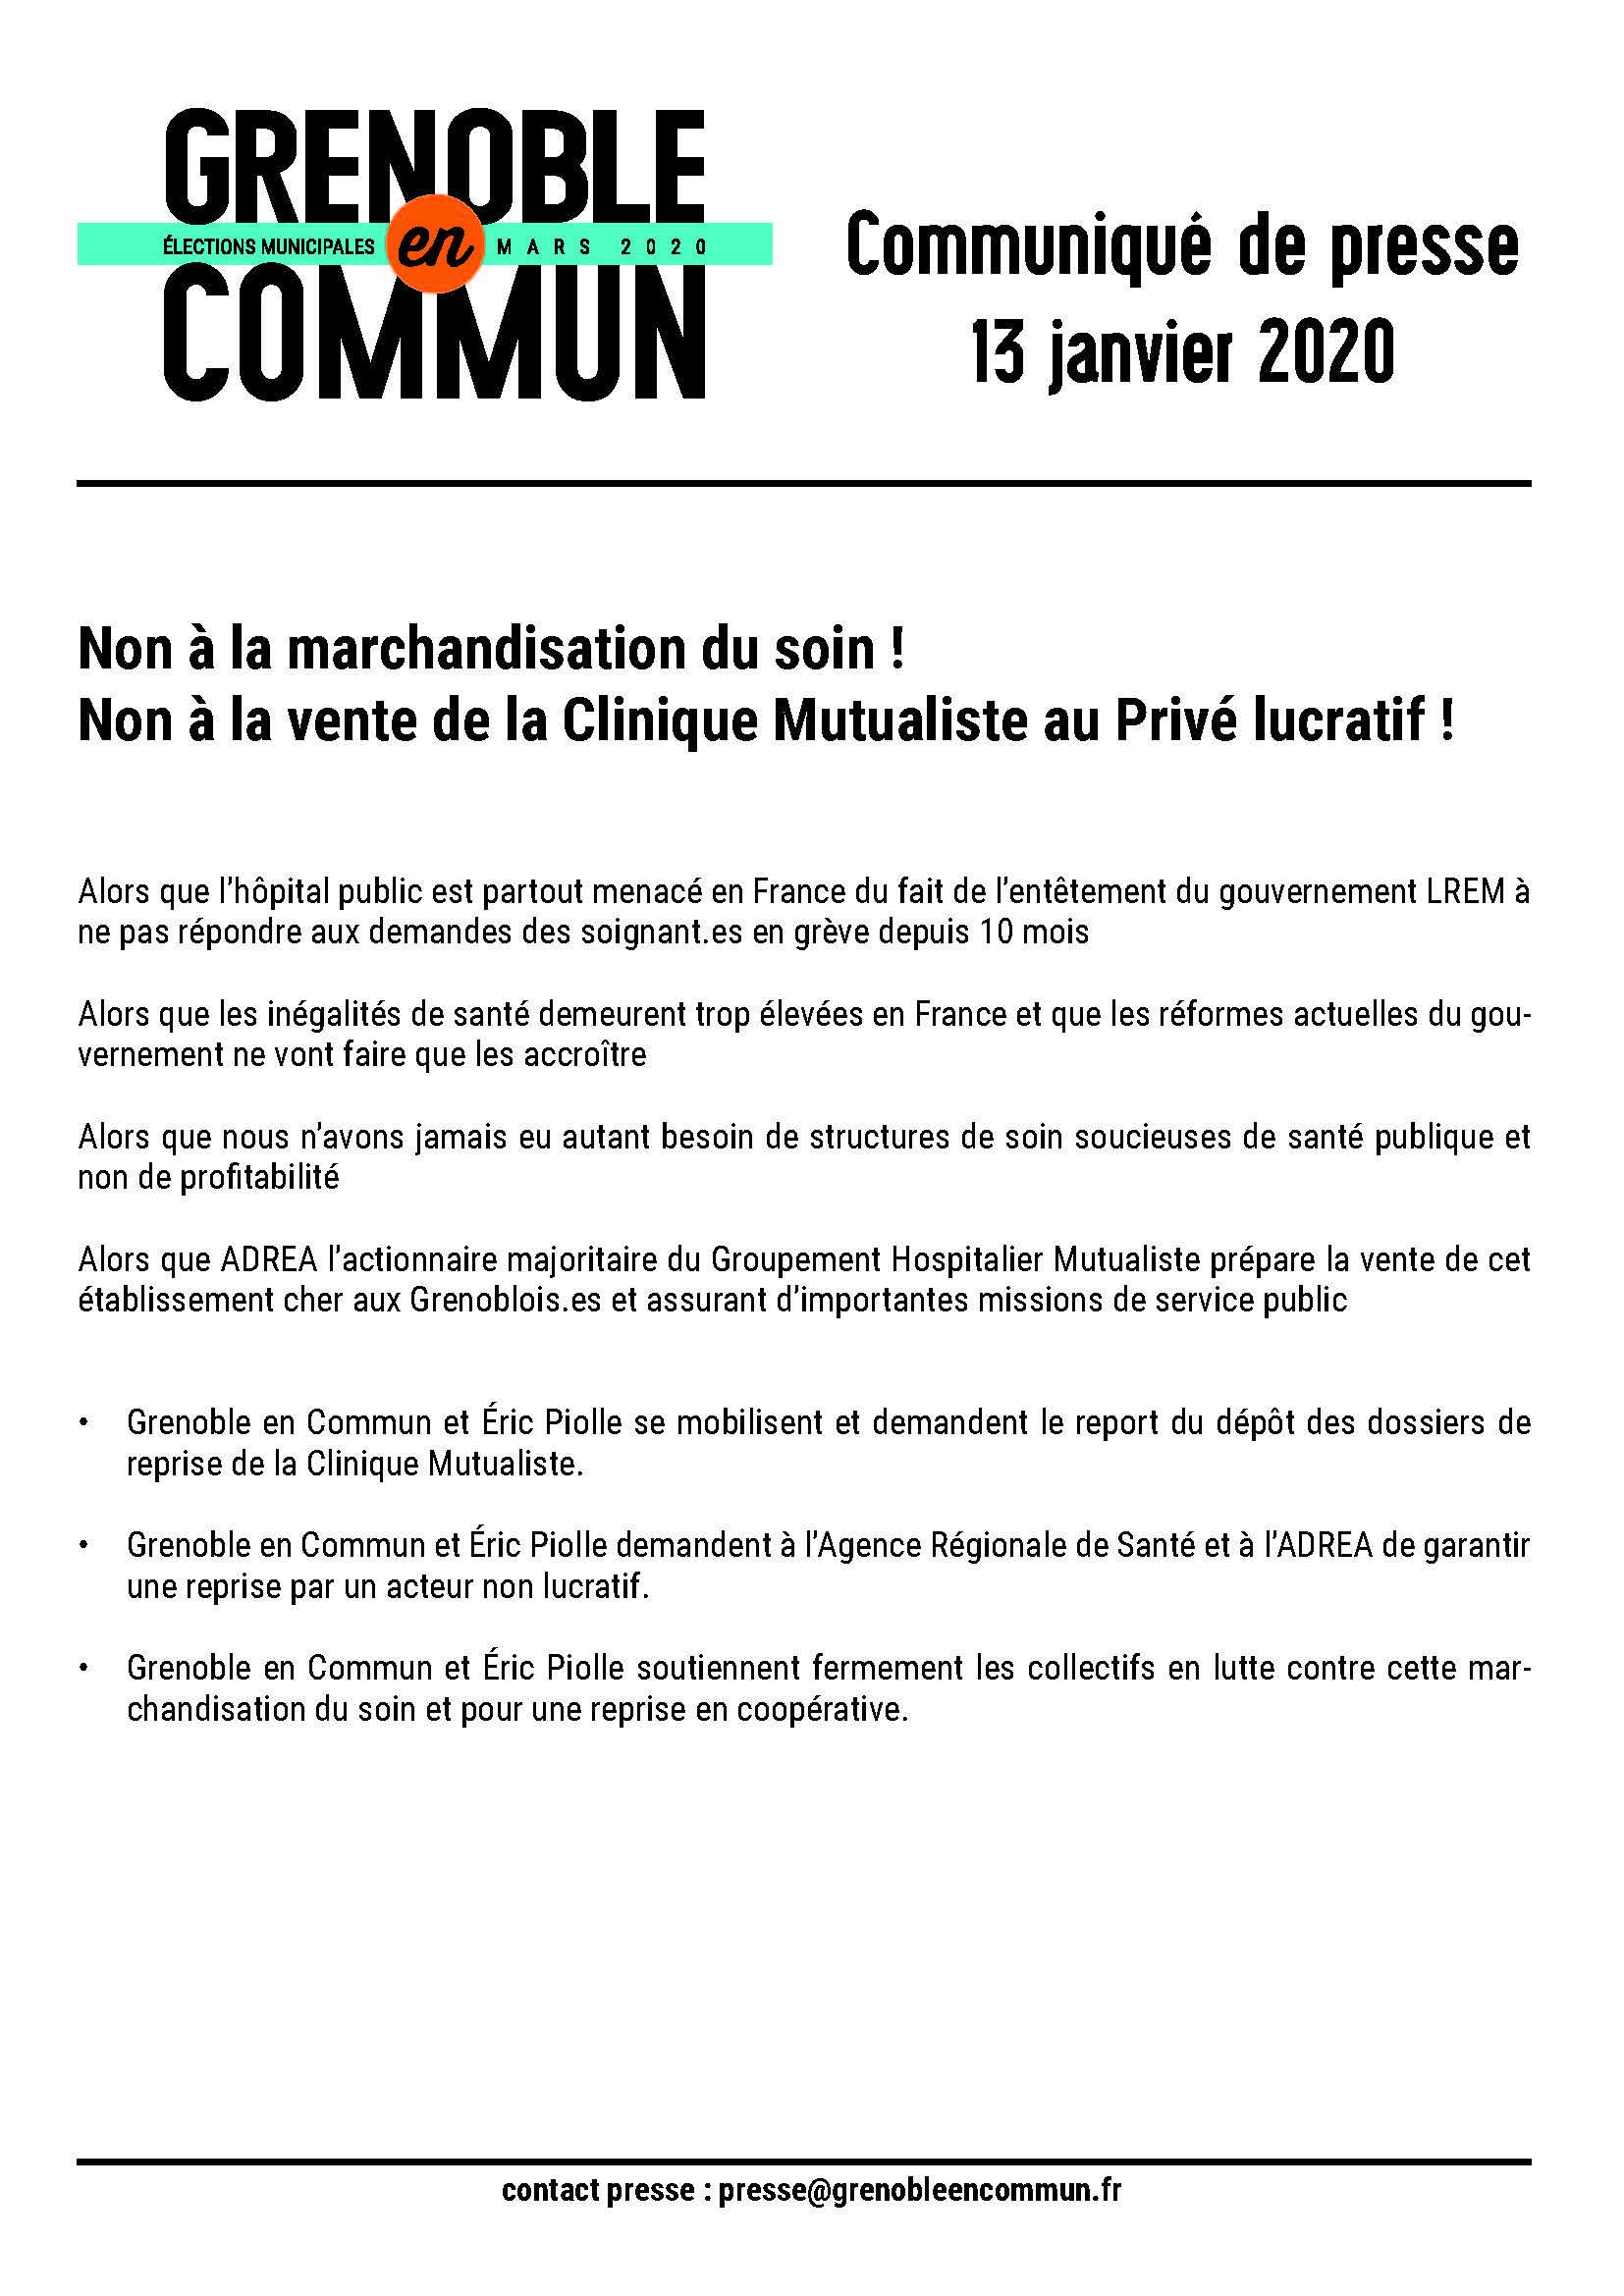 GrenobleenCommunCP130120